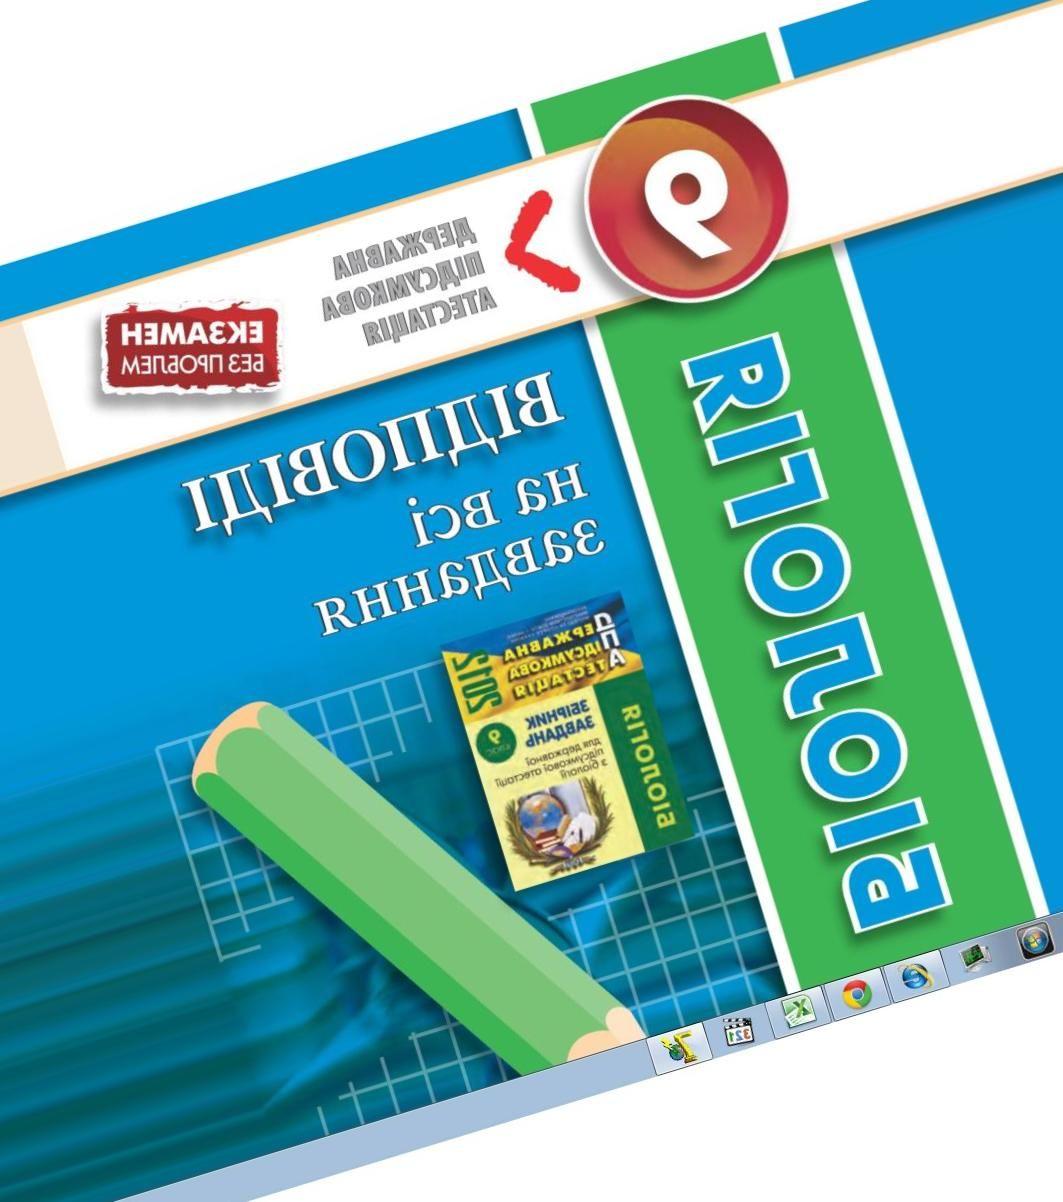 5 класс русский языкгдз ашурова никольская сукунов хасанов упражнение